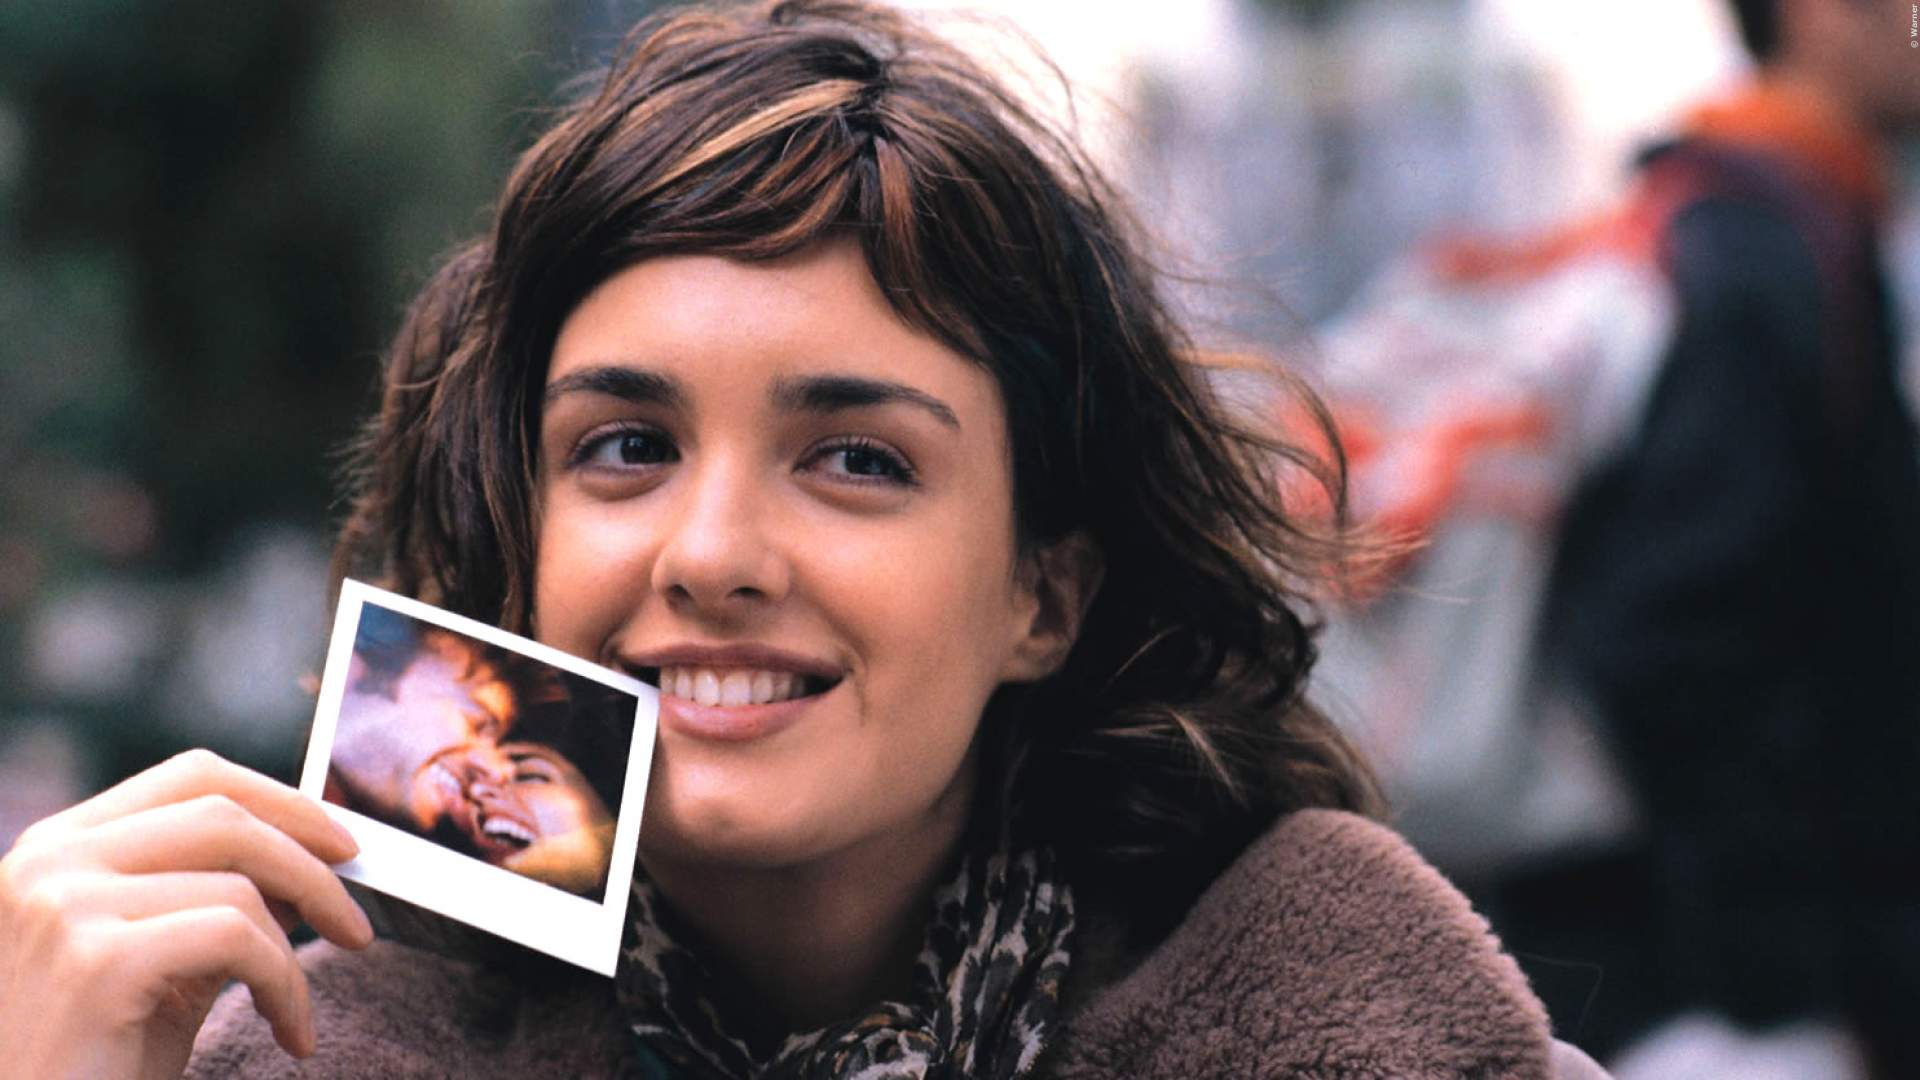 Rambo 5: Neue Schauspielerin enthüllt - Bild 1 von 1